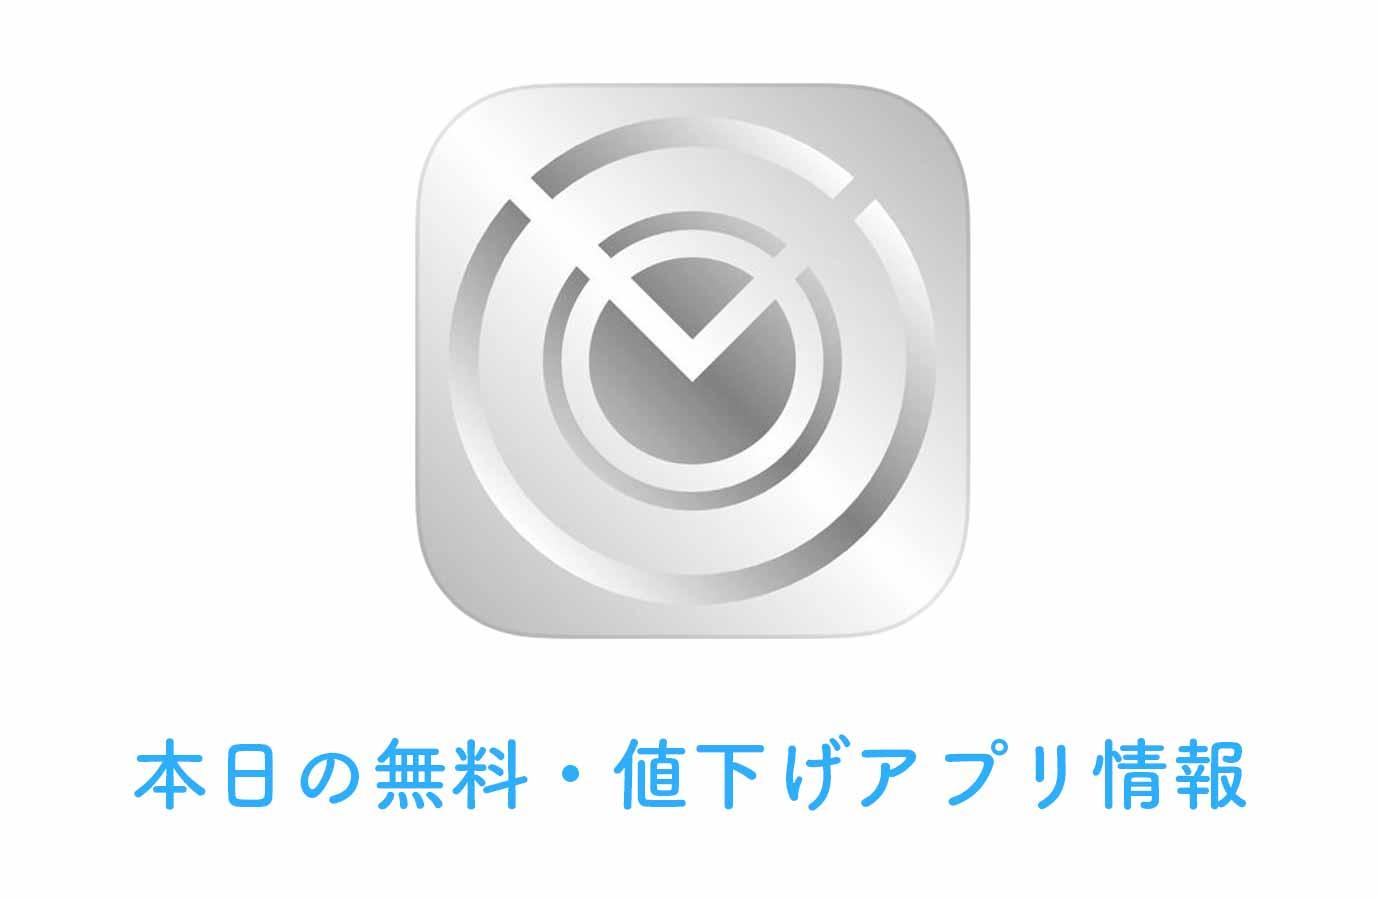 150円→無料、音声で時間を教えてくれる「VoiceClock」など【4/24】本日の無料・値下げアプリ情報